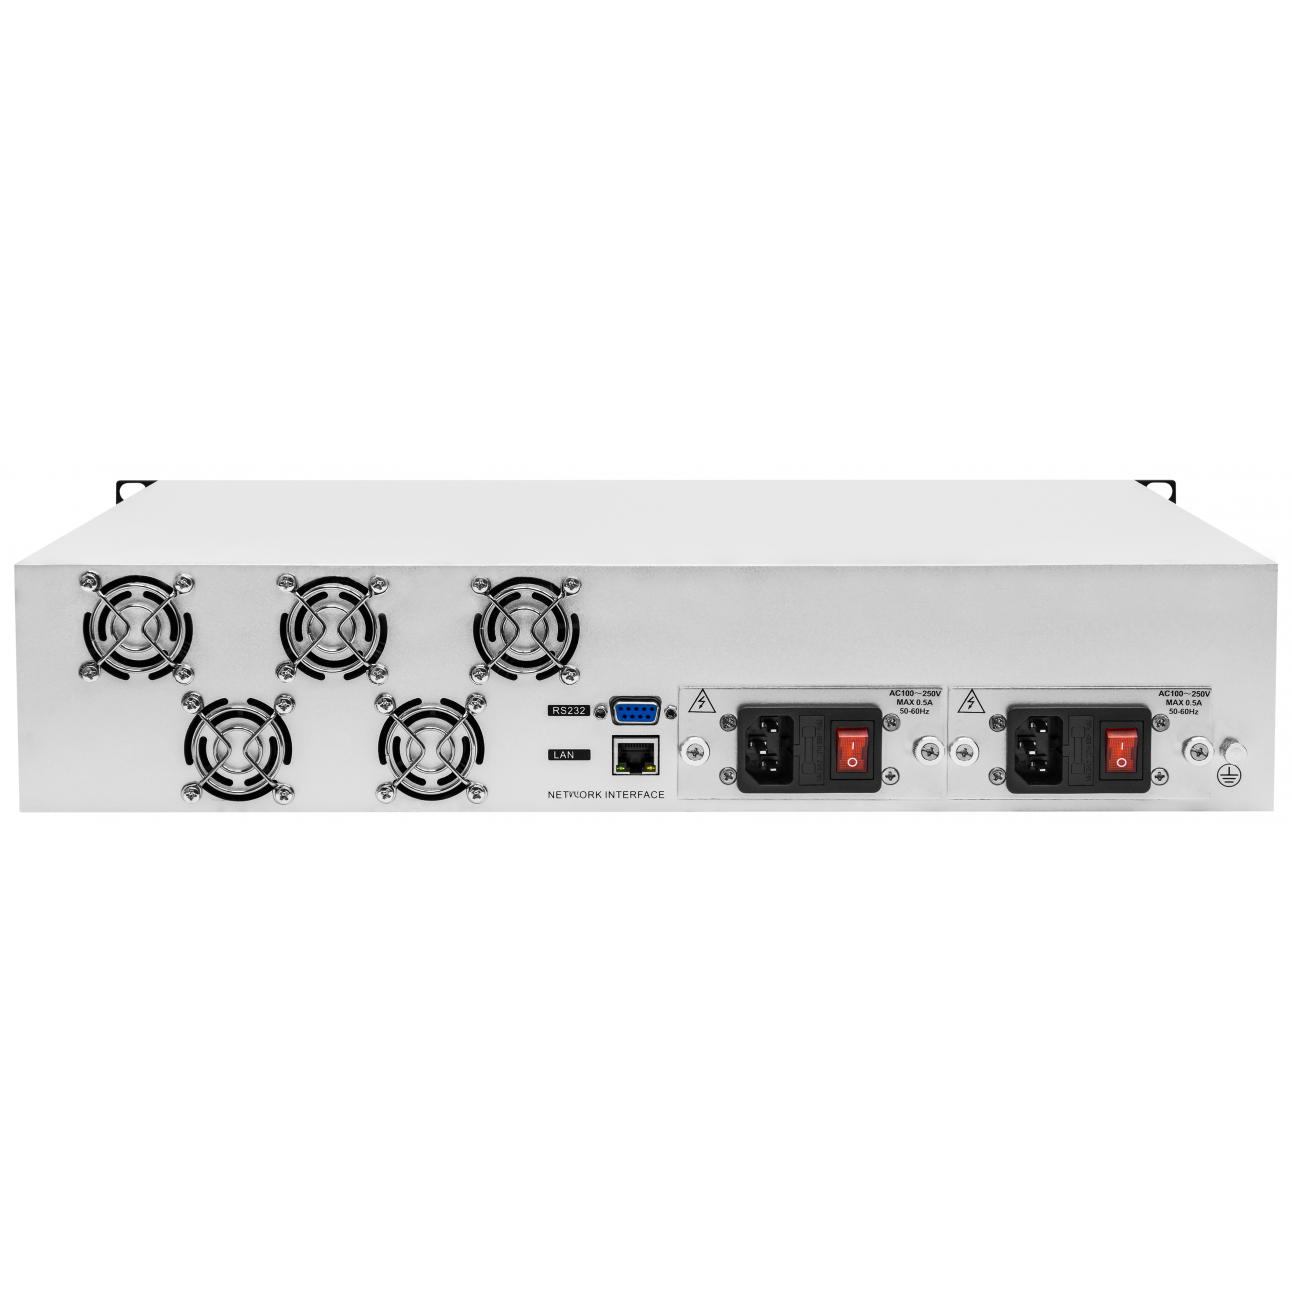 Оптический усилитель VERMAX для сетей КТВ, 8*15dBm, WDM фильтр PON